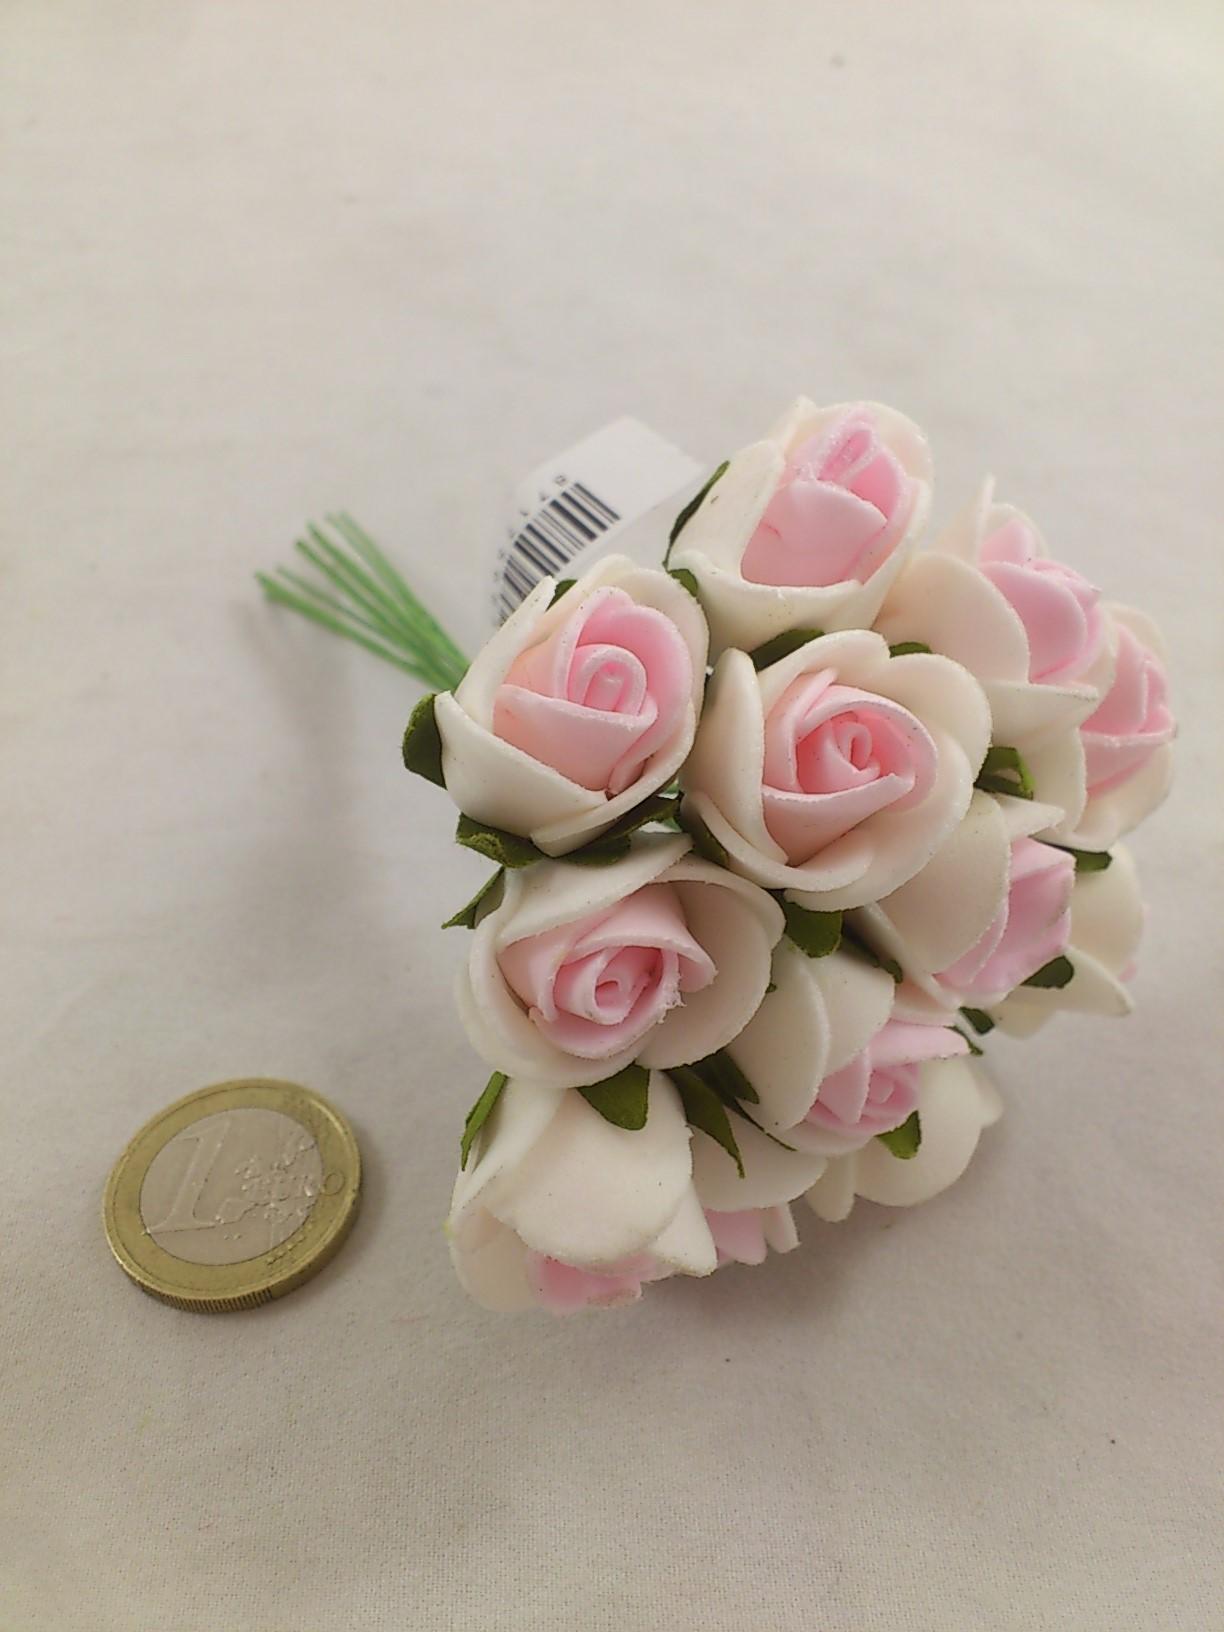 Vanaf gratis Rose Mousse Cm Doucecream12 be Mini bloemschikmateriaal Verzending PBloemschikken 2 En F3cTJlK1